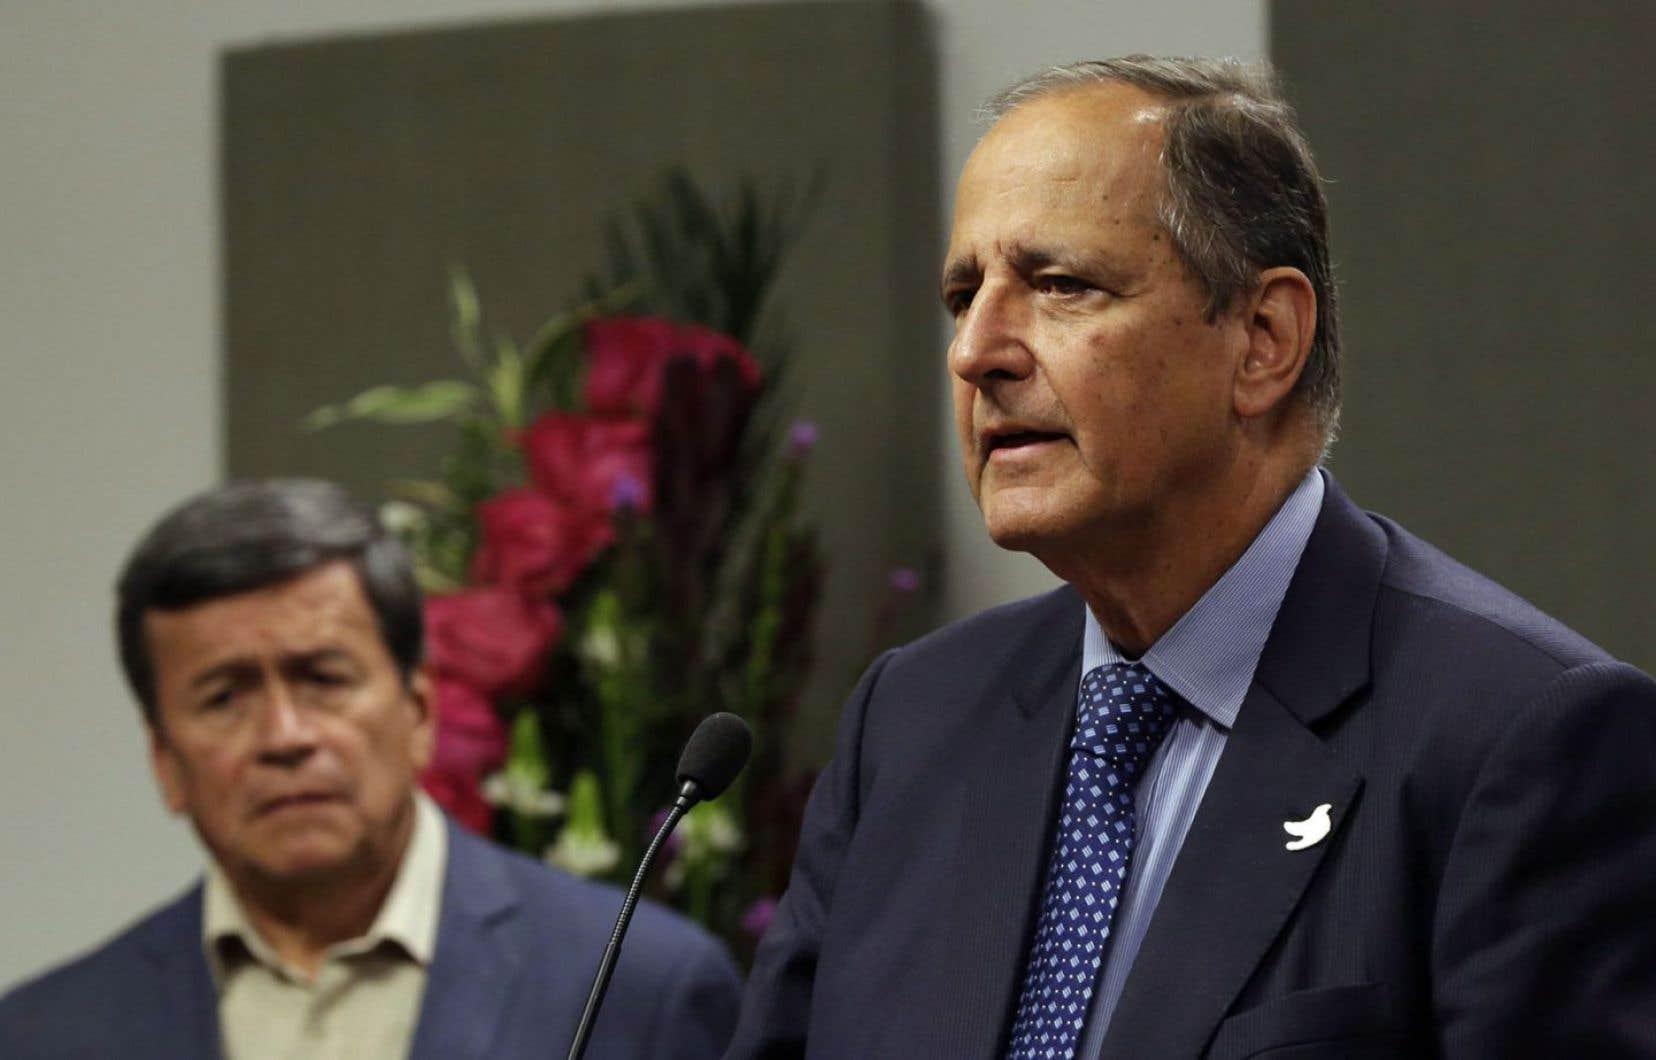 Le négociateur en chef du gouvernement colombien, Juan Camilo Restrepo